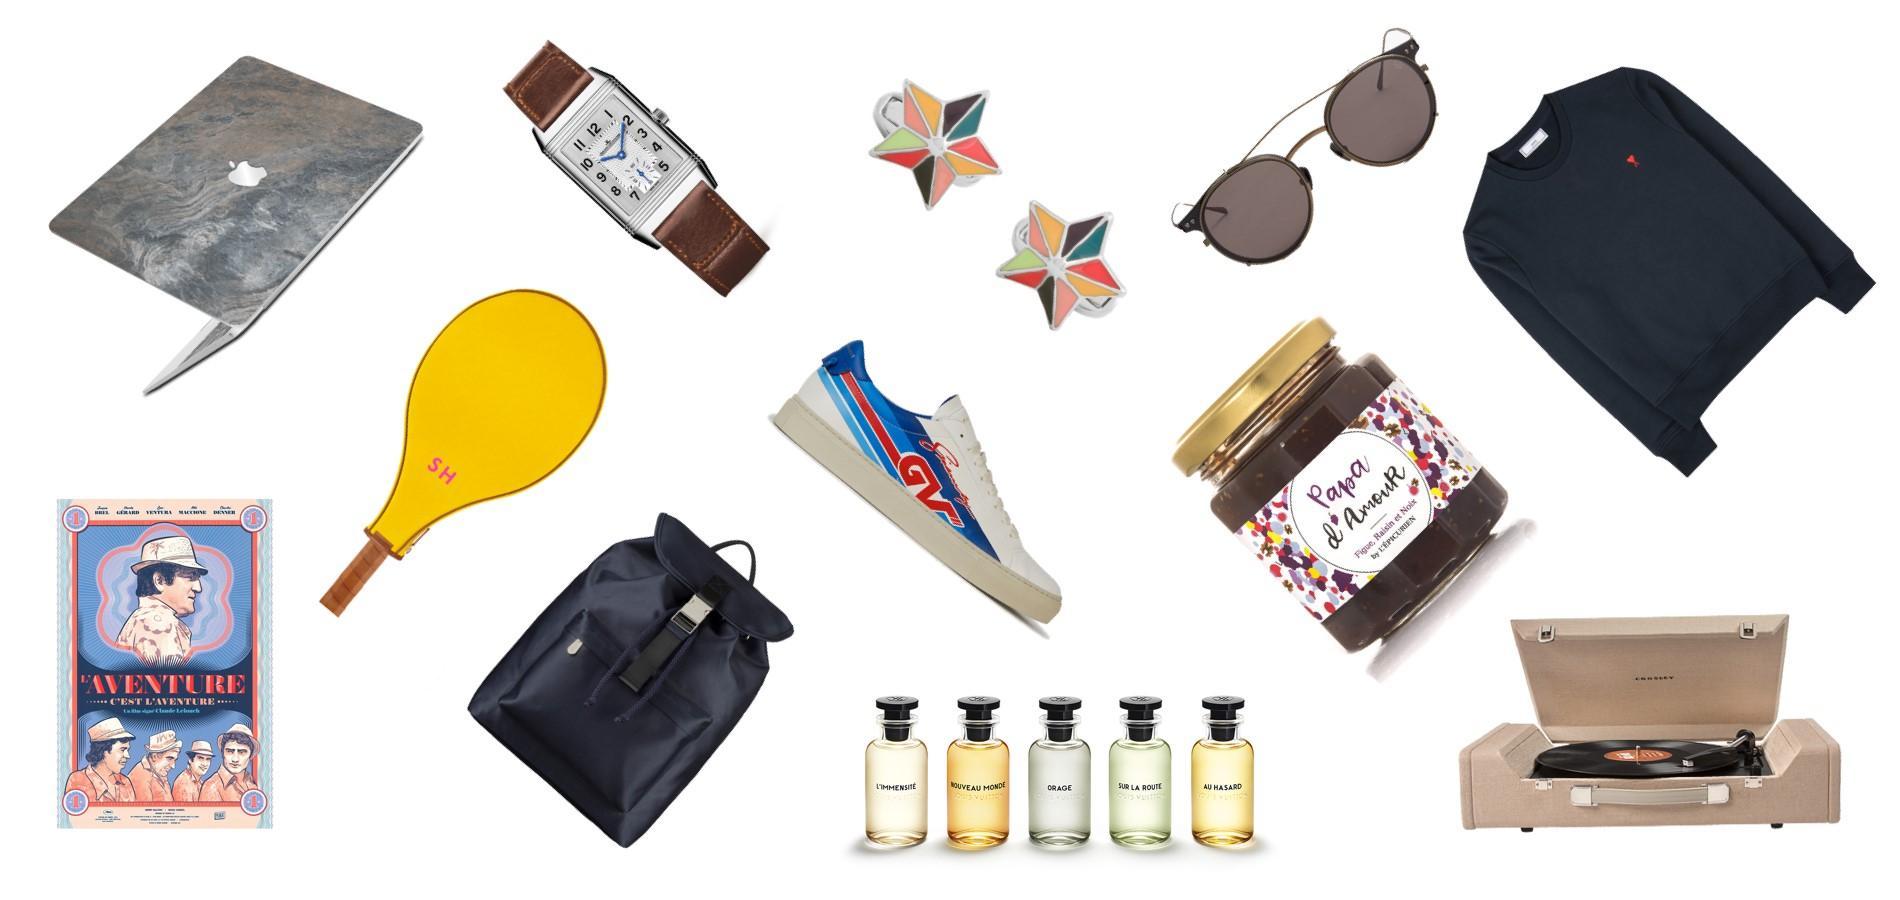 (De gauche à droite   Roxxlyn, Jaeger-LeCoultre, Paul Smith, Belstaff, ami,  Plakat, L Uniform, A.P.C., Givenchy, Louis Vuitton, L Épicurien, Crosley.) 7e20ce98dee